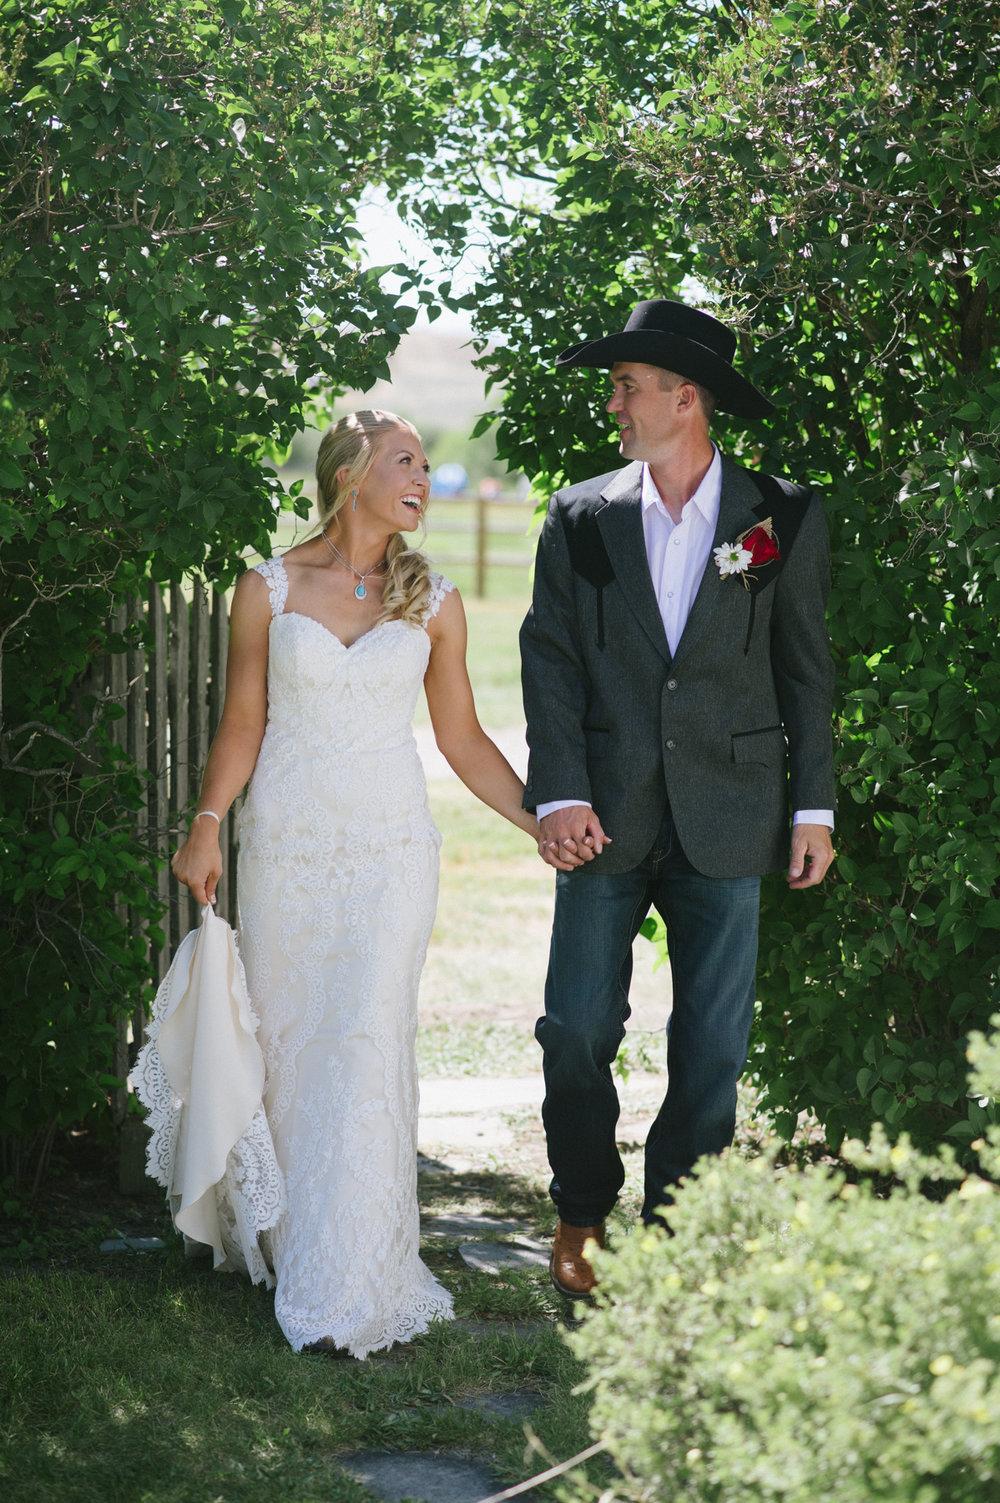 Erica Lind + Jeff Heim Wedding_Rustic Wedding_Montana Wedding_Kelsey Lane Photography-3887-2.jpg